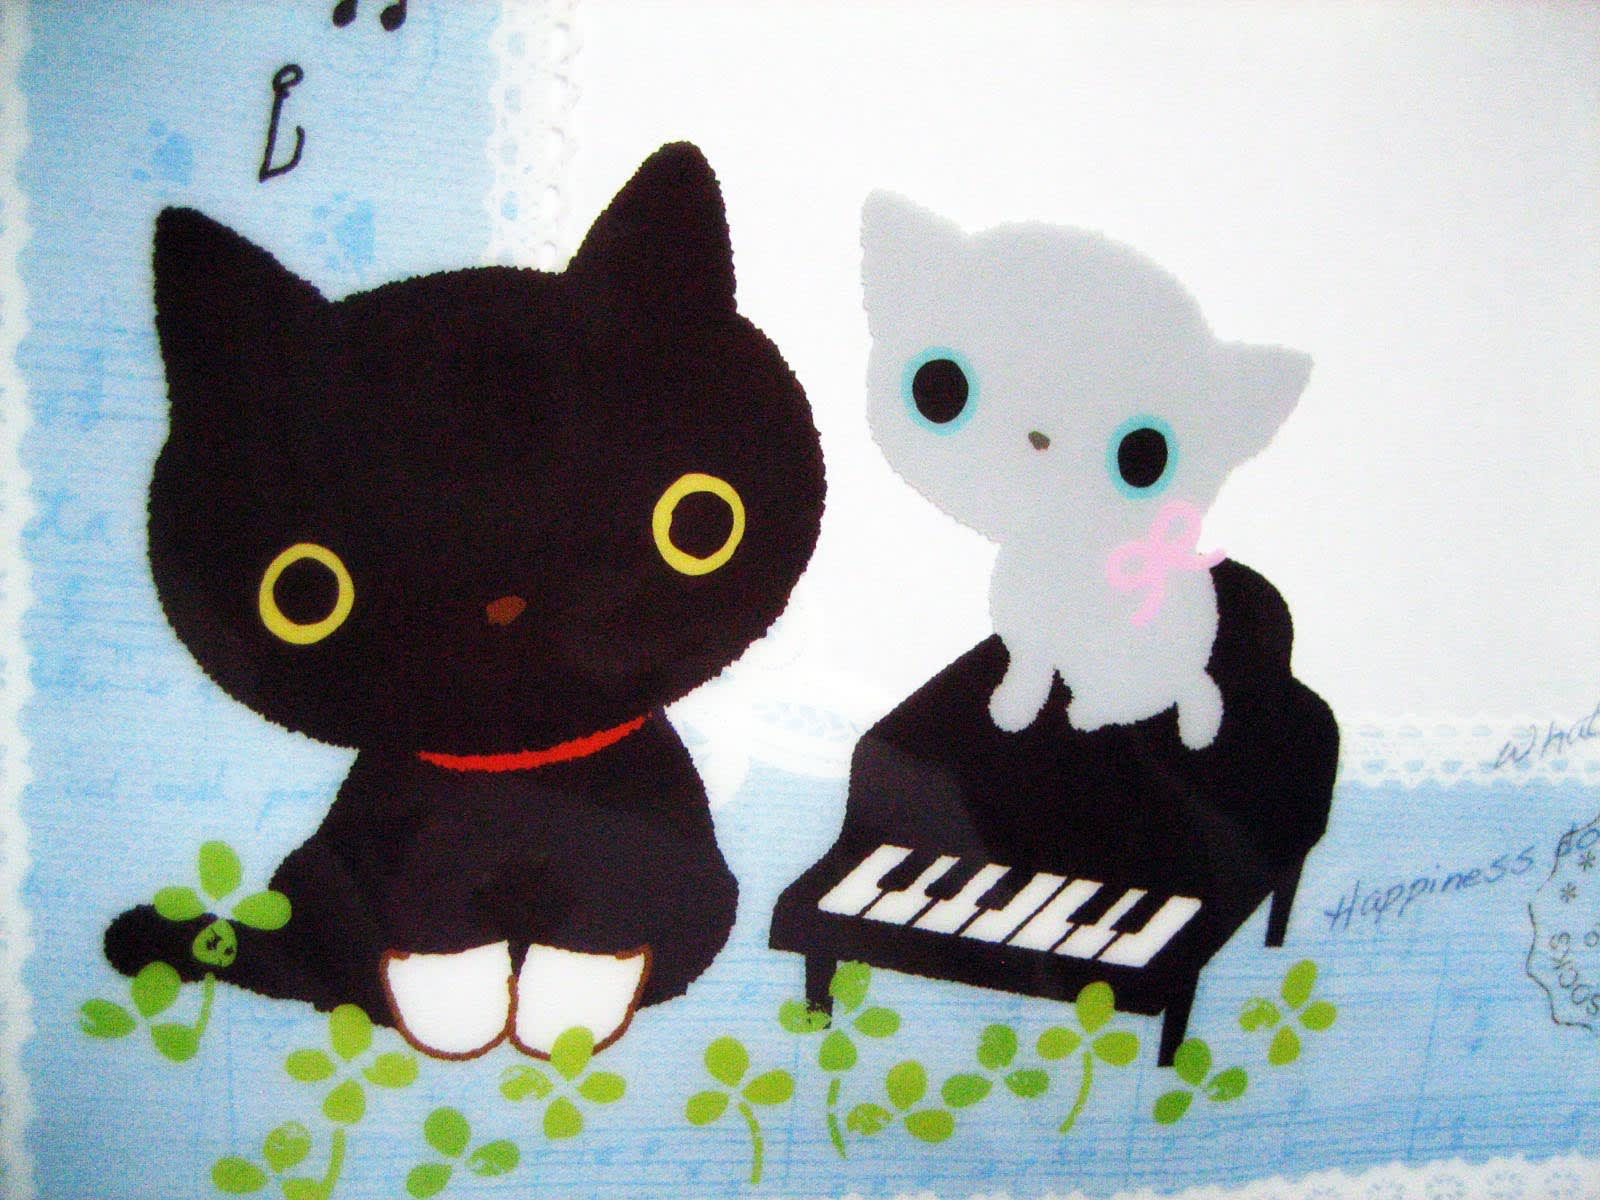 ボン君たち、「靴下ニャンコのお家」の猫ちゃんたちは、みんな、お風呂が好きみたいです 。